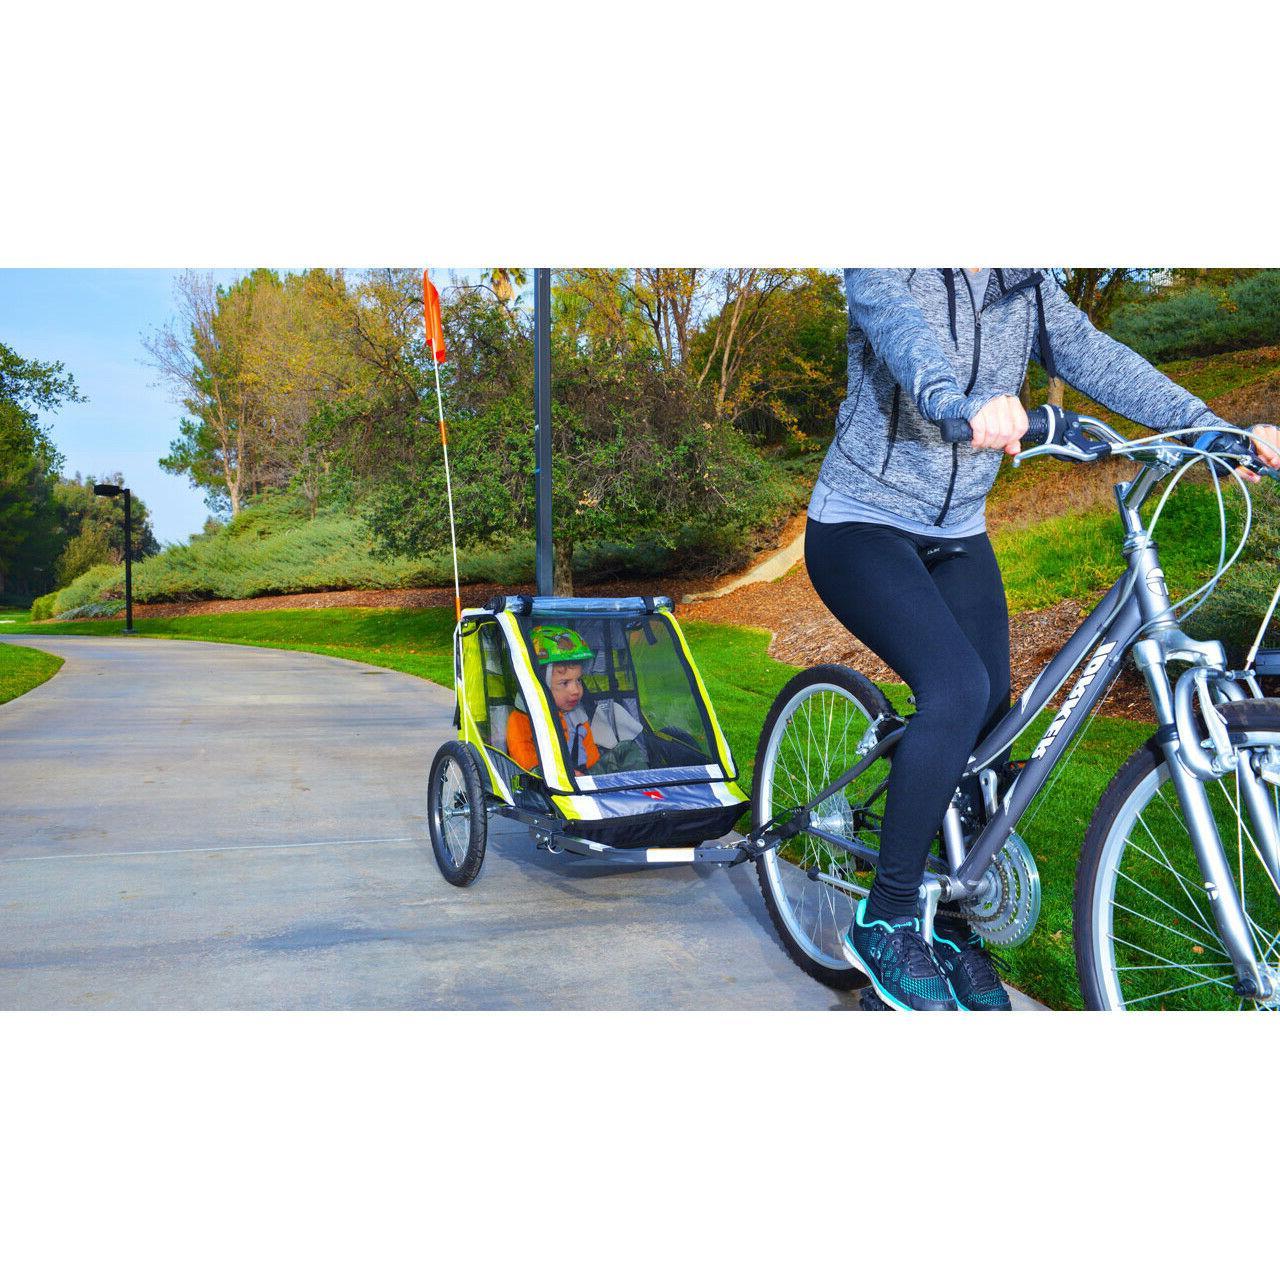 Green Bike Lightweight Cart Stroller Racing